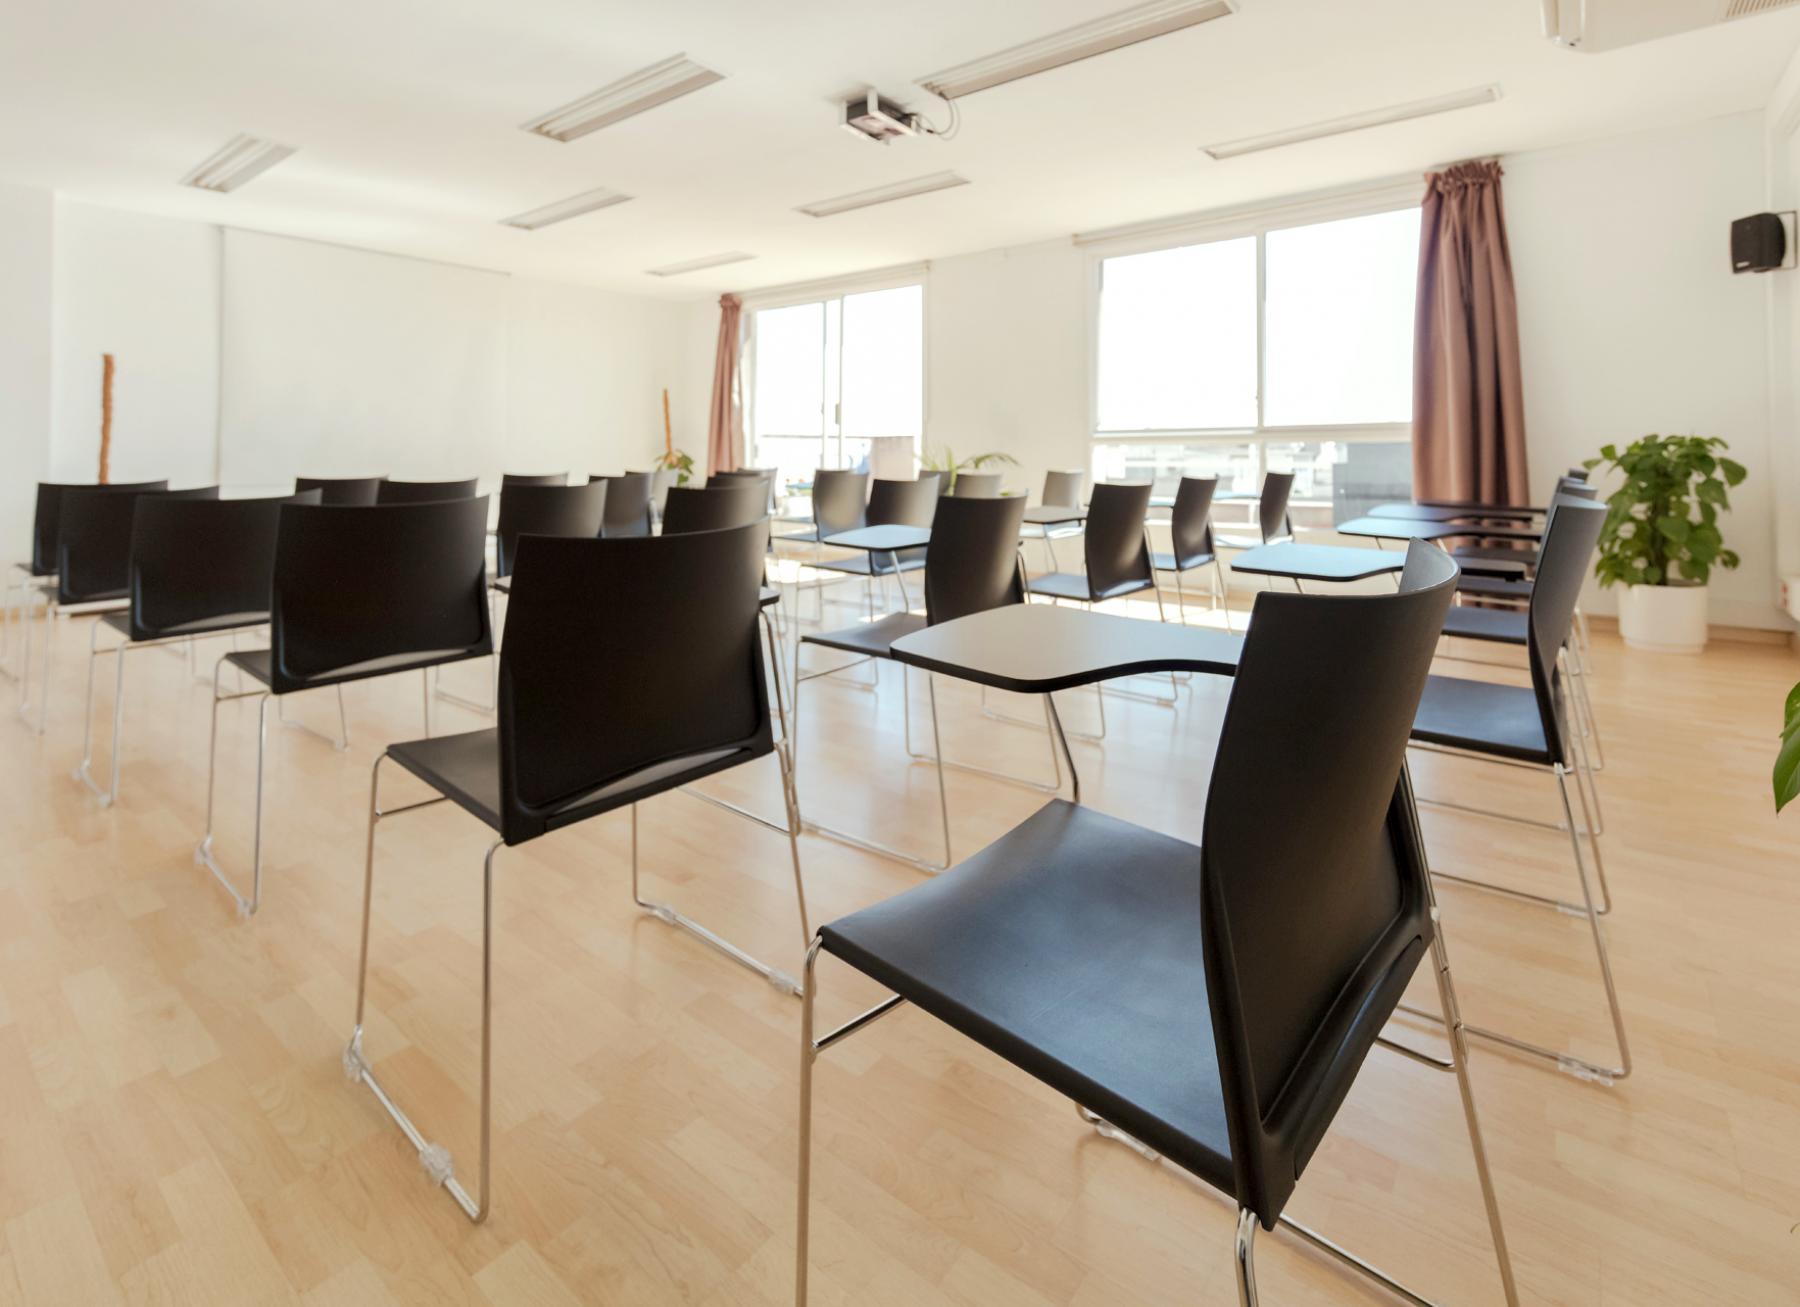 Alquilar oficinas Carrer de Provença 385, Barcelona (4)